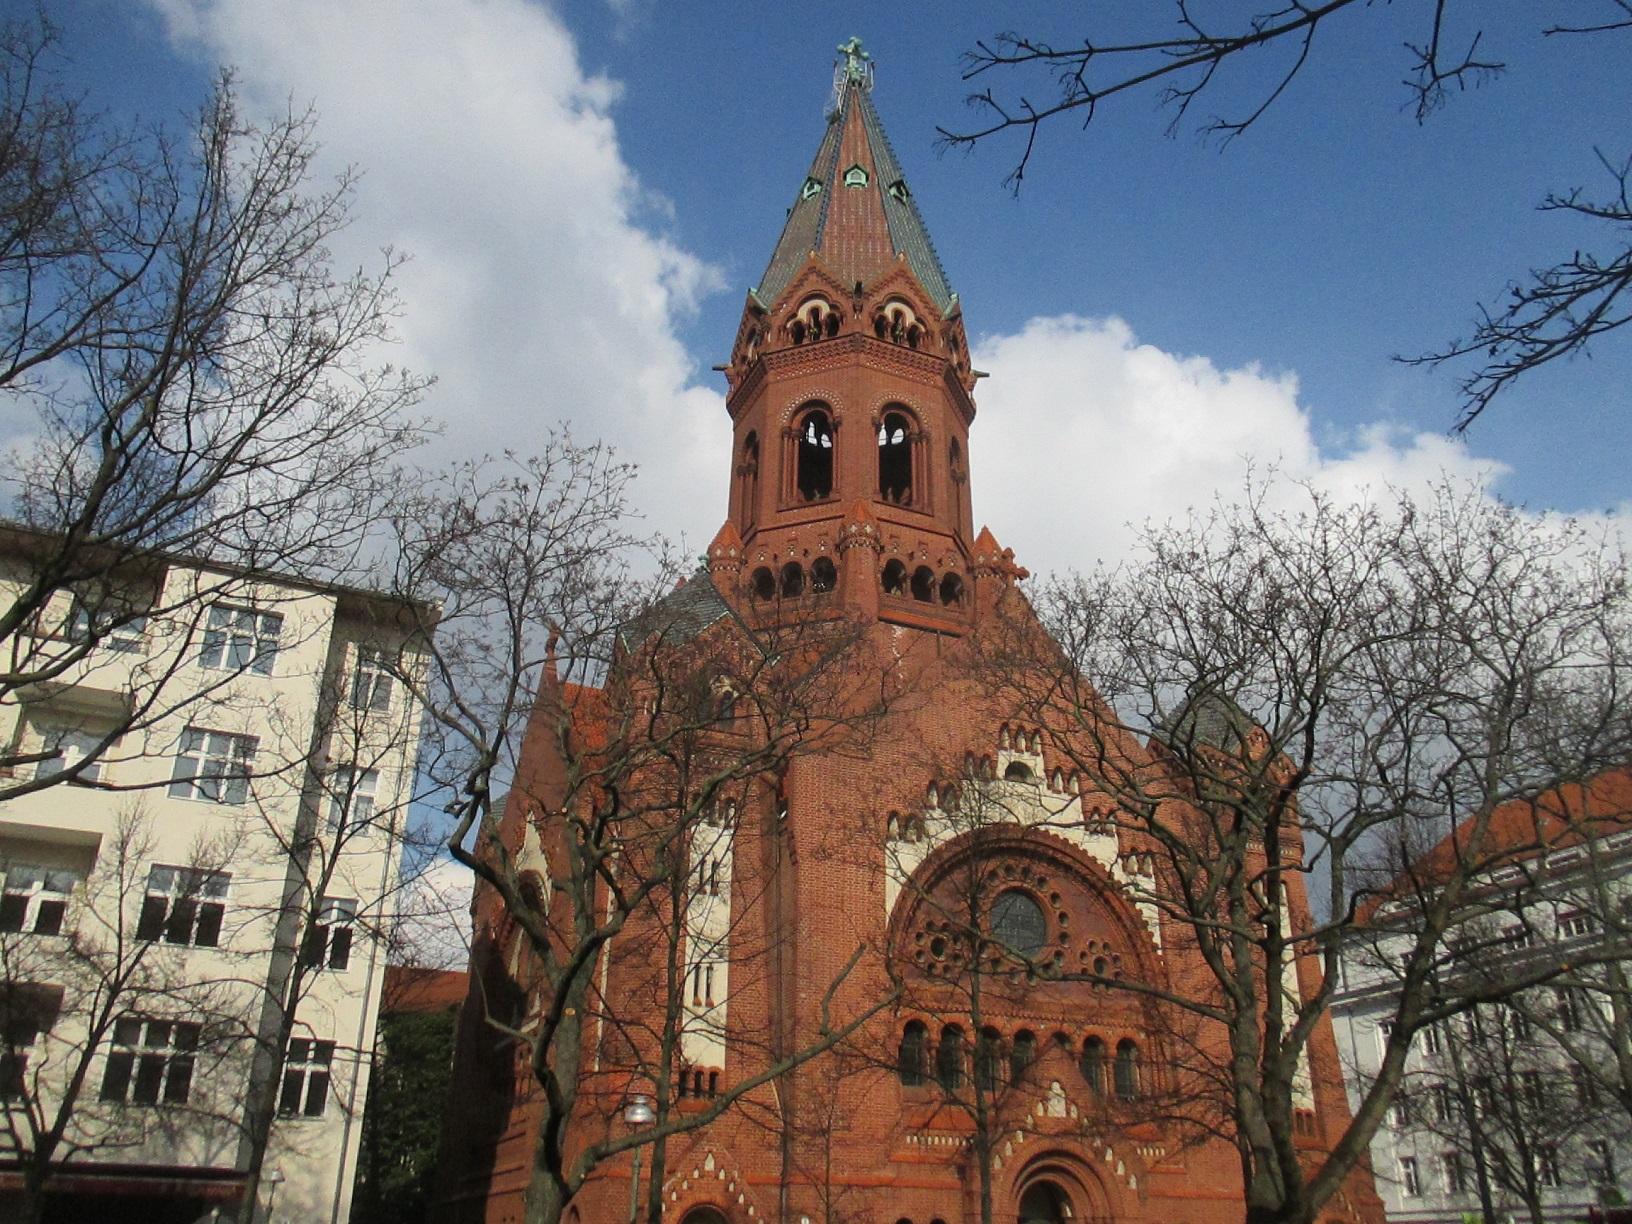 Die Kreuzberger Passionskirche liegt nur einen Steinwurf vom Finnland Zentrum entfernt und dient diesem als Veranstaltungsort.